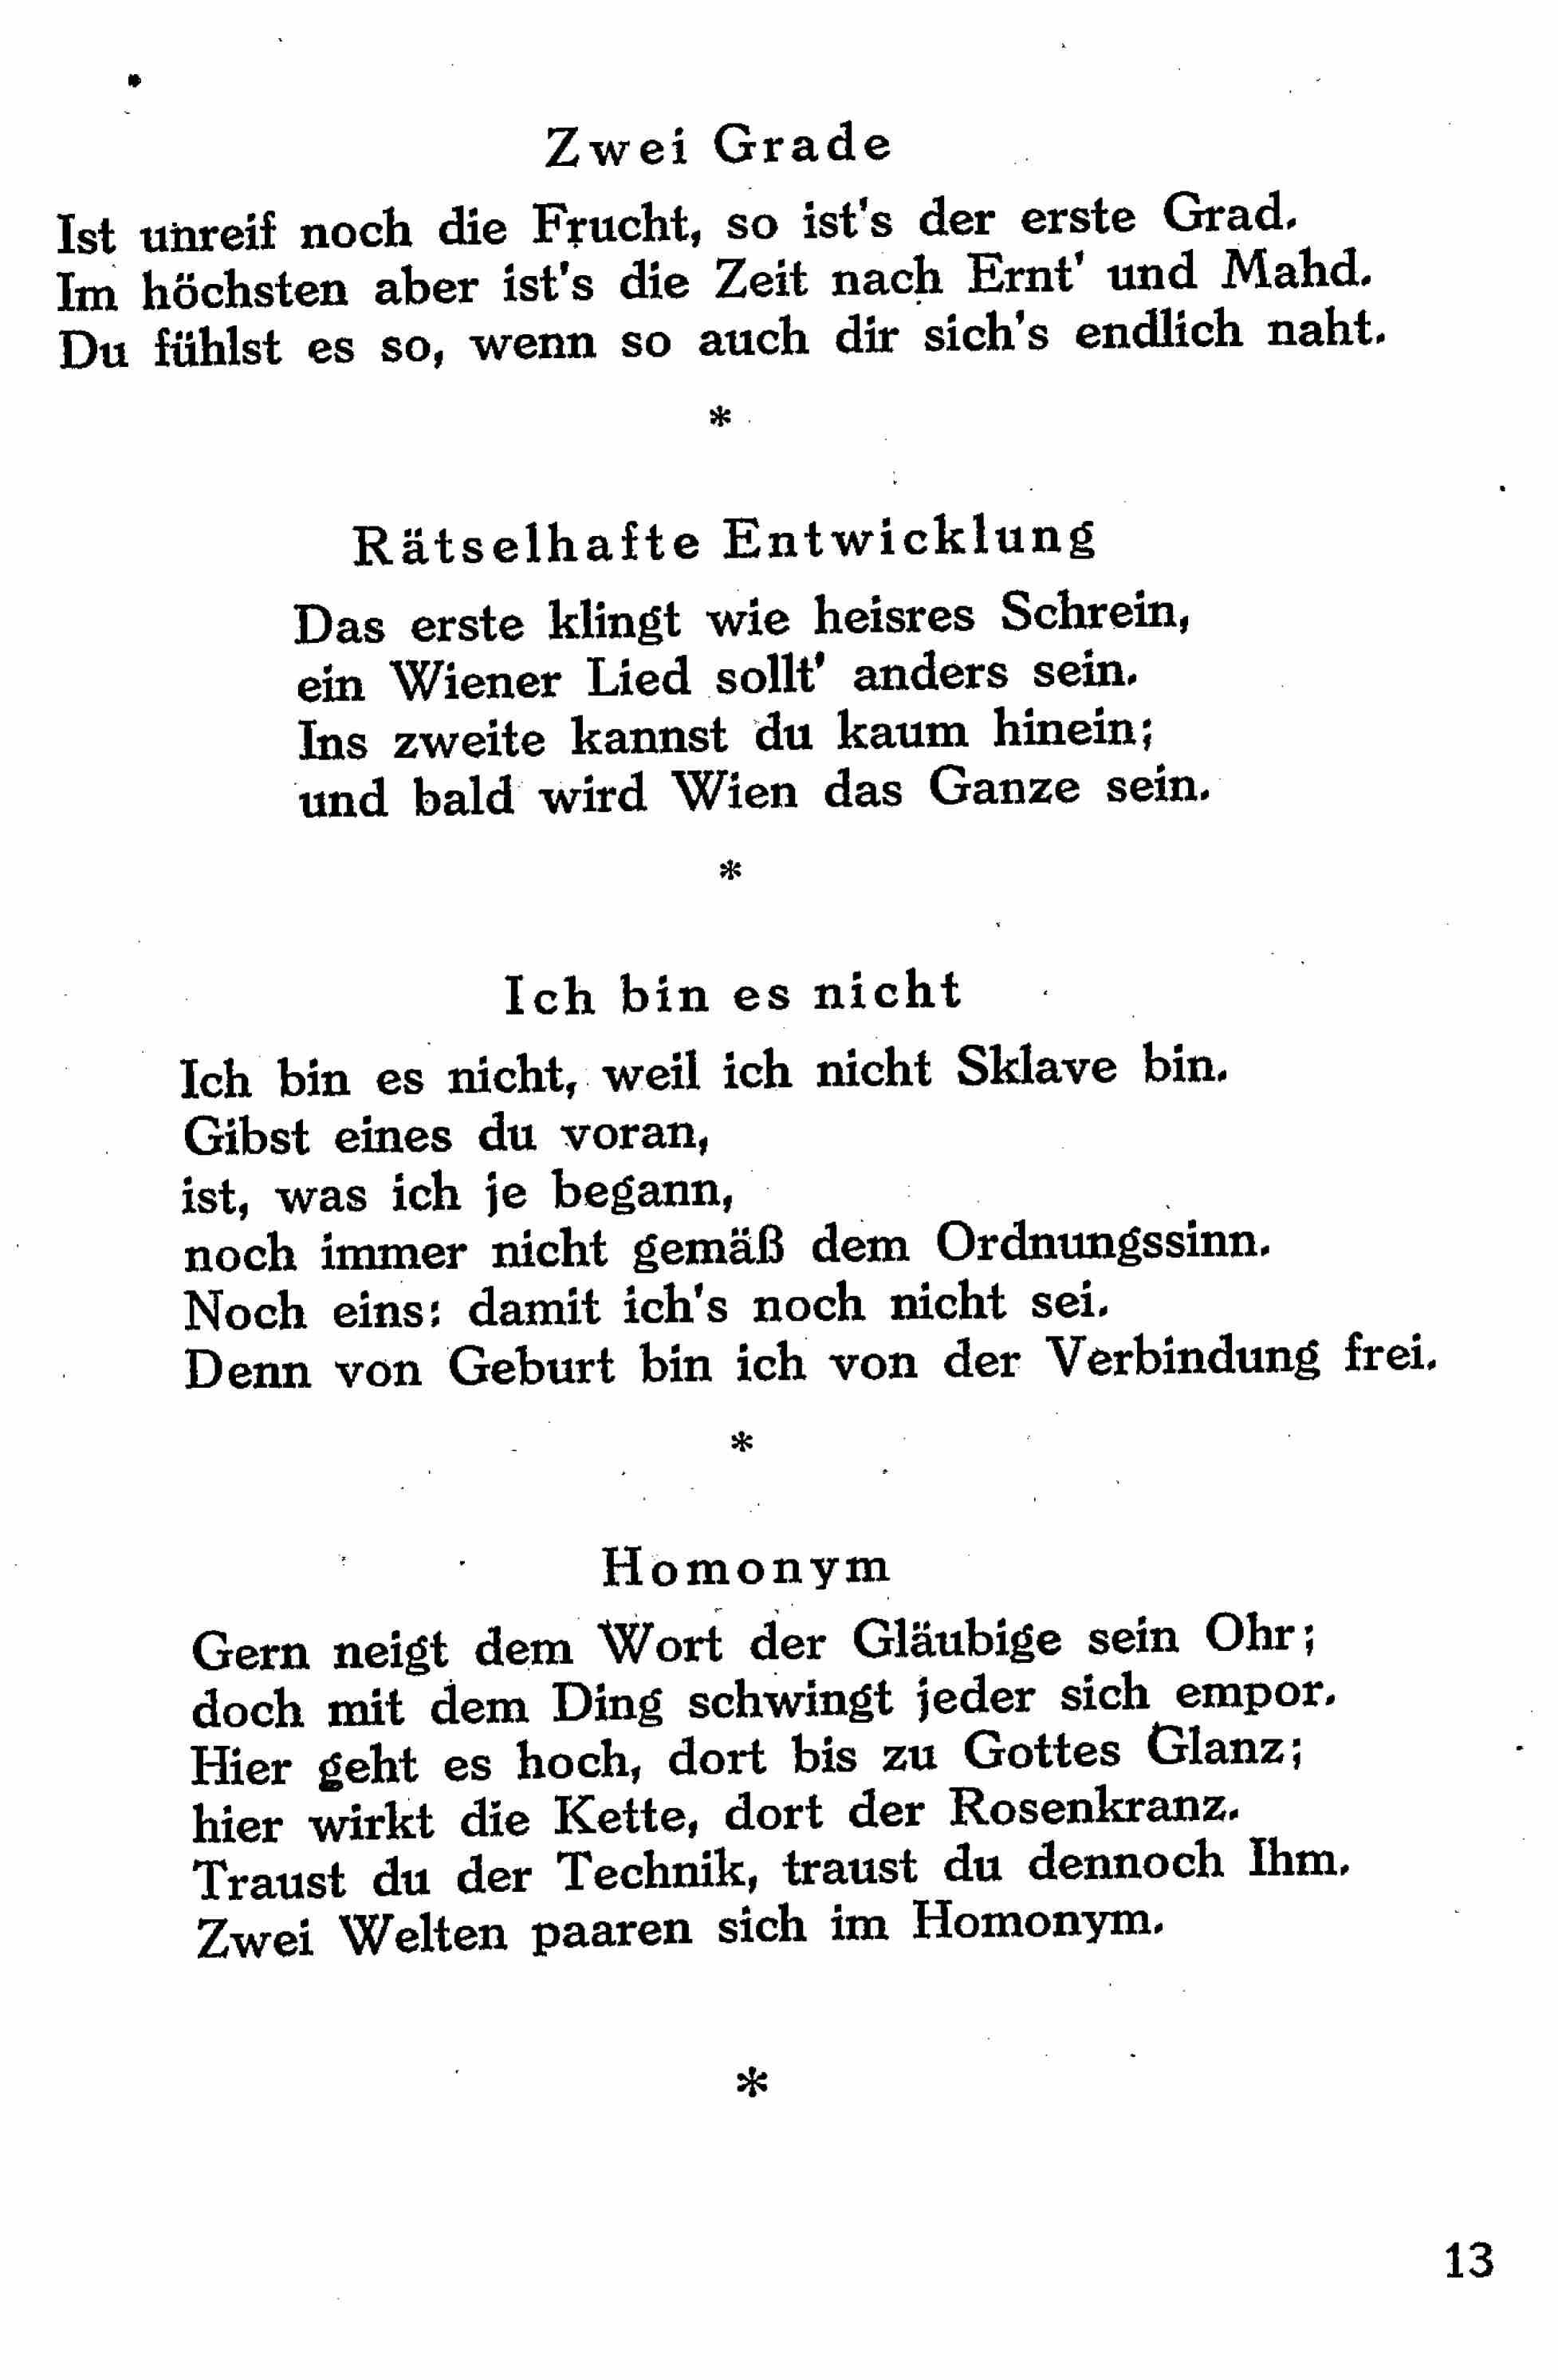 File:De Worte in Versen IX (Kraus) 11.jpg - Wikimedia Commons